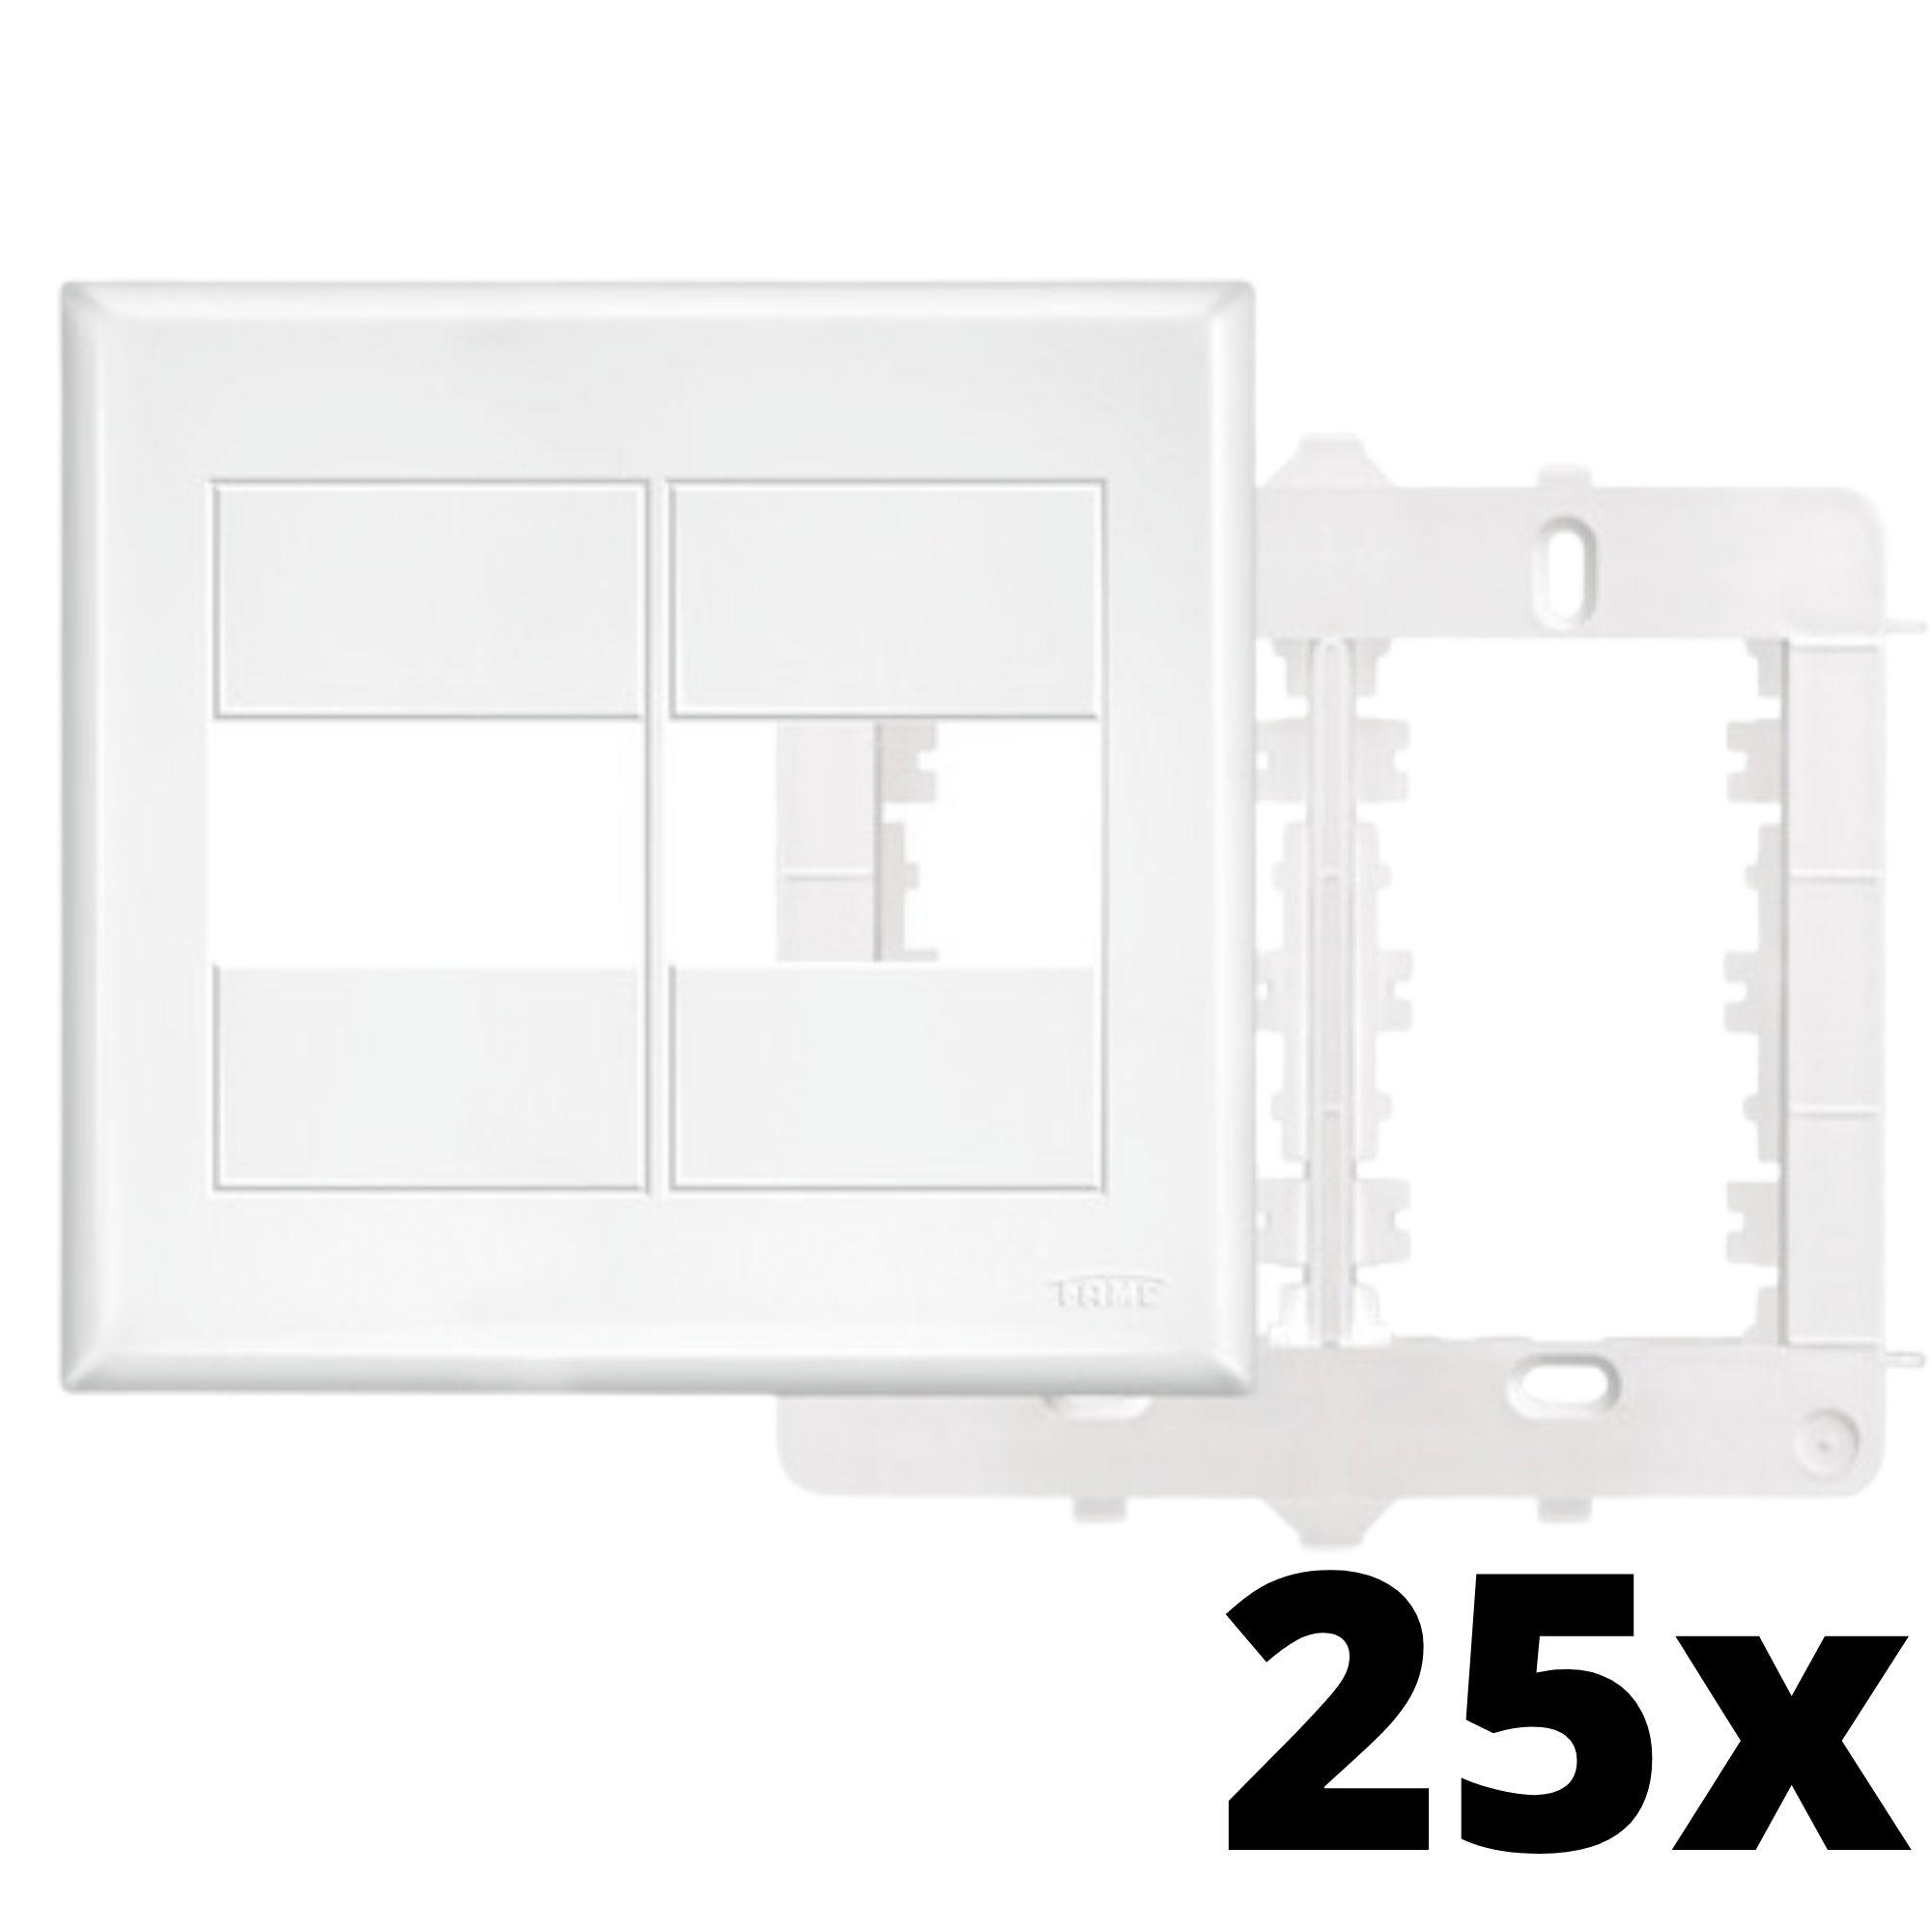 Kit 25 und Evidence Placa 4x4 1 Seção + 1 Seção